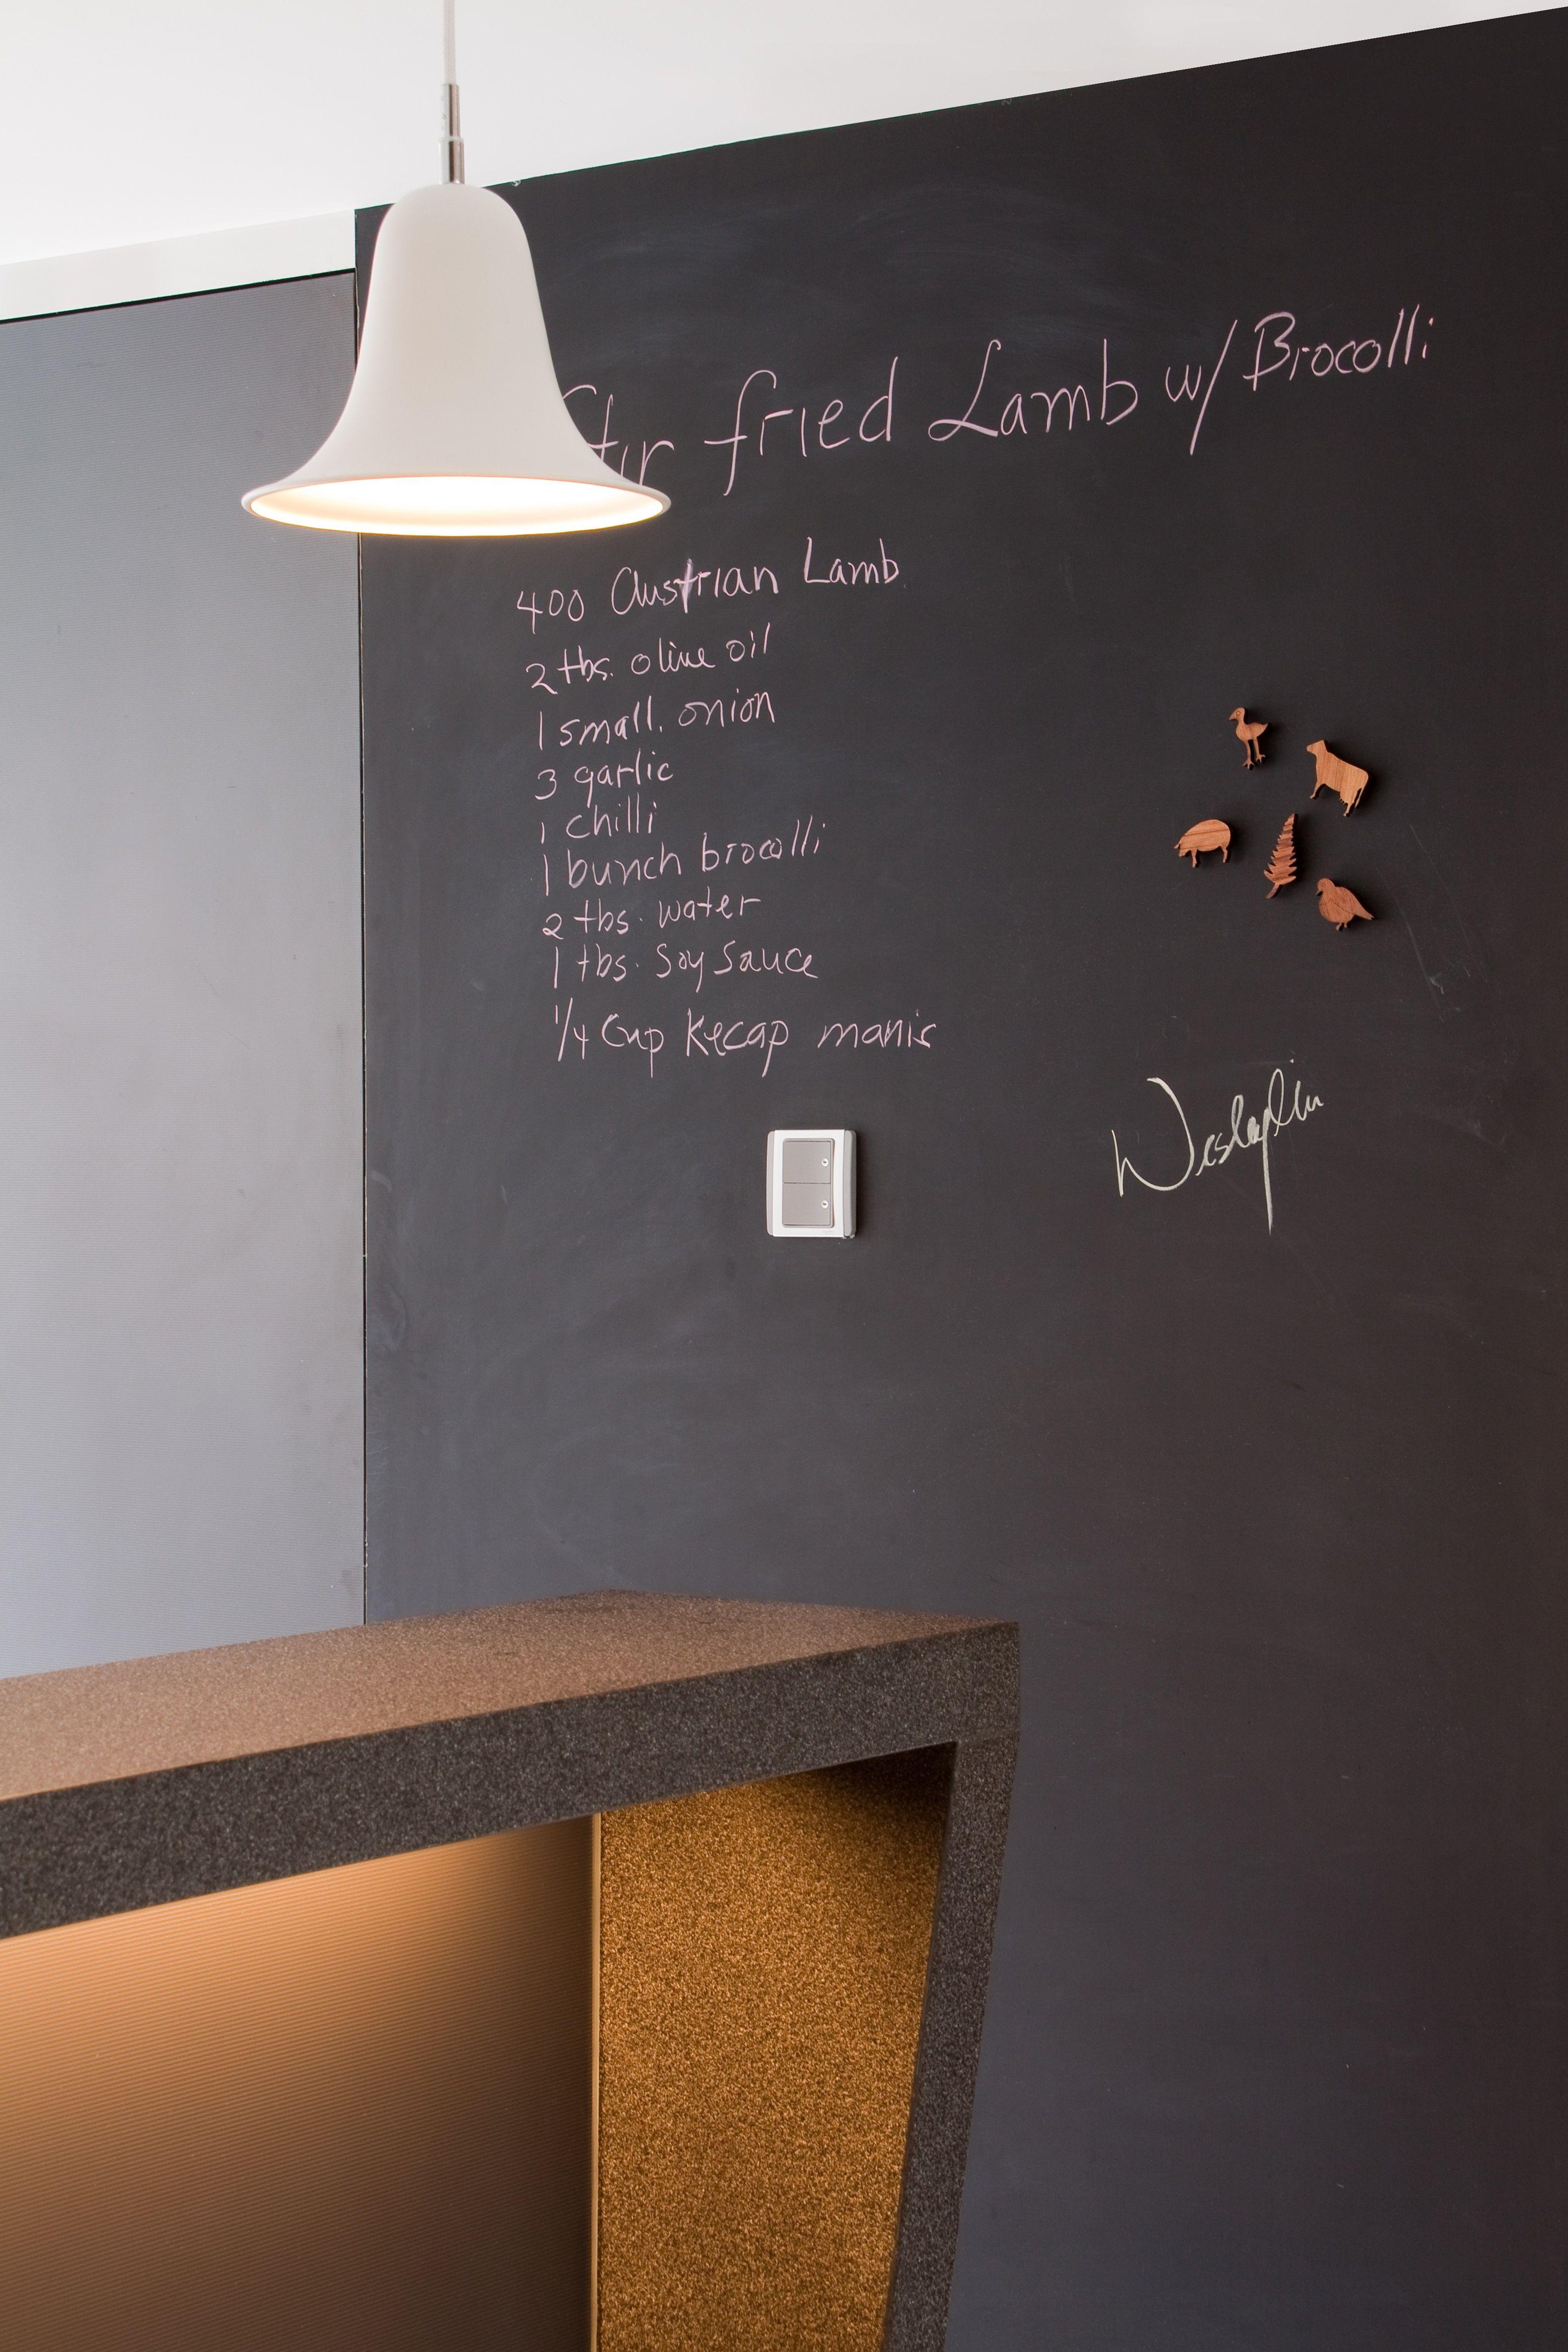 欧式 北欧 简约 现代 温馨 西安 装修 设计 其他图片来自翼森设计在一屋一风情的分享